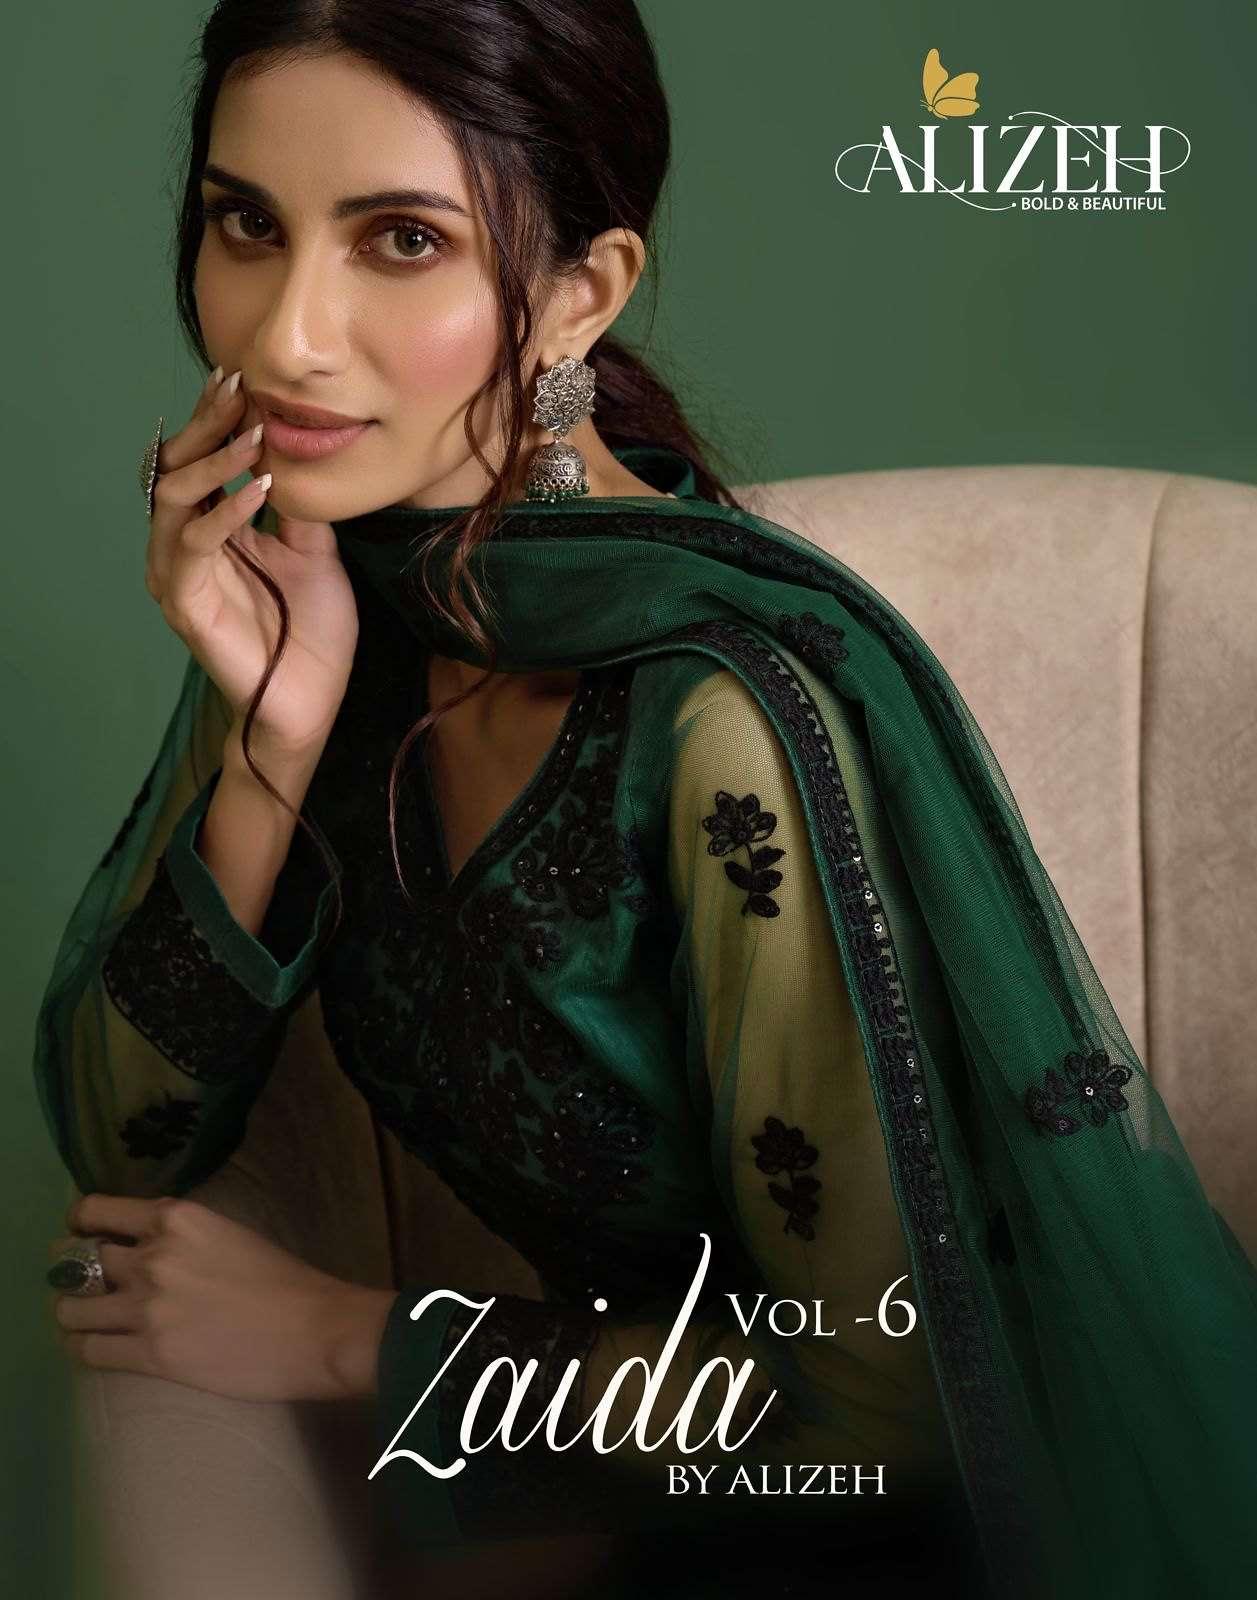 Zaida Vol-6 By Alizeh - 69